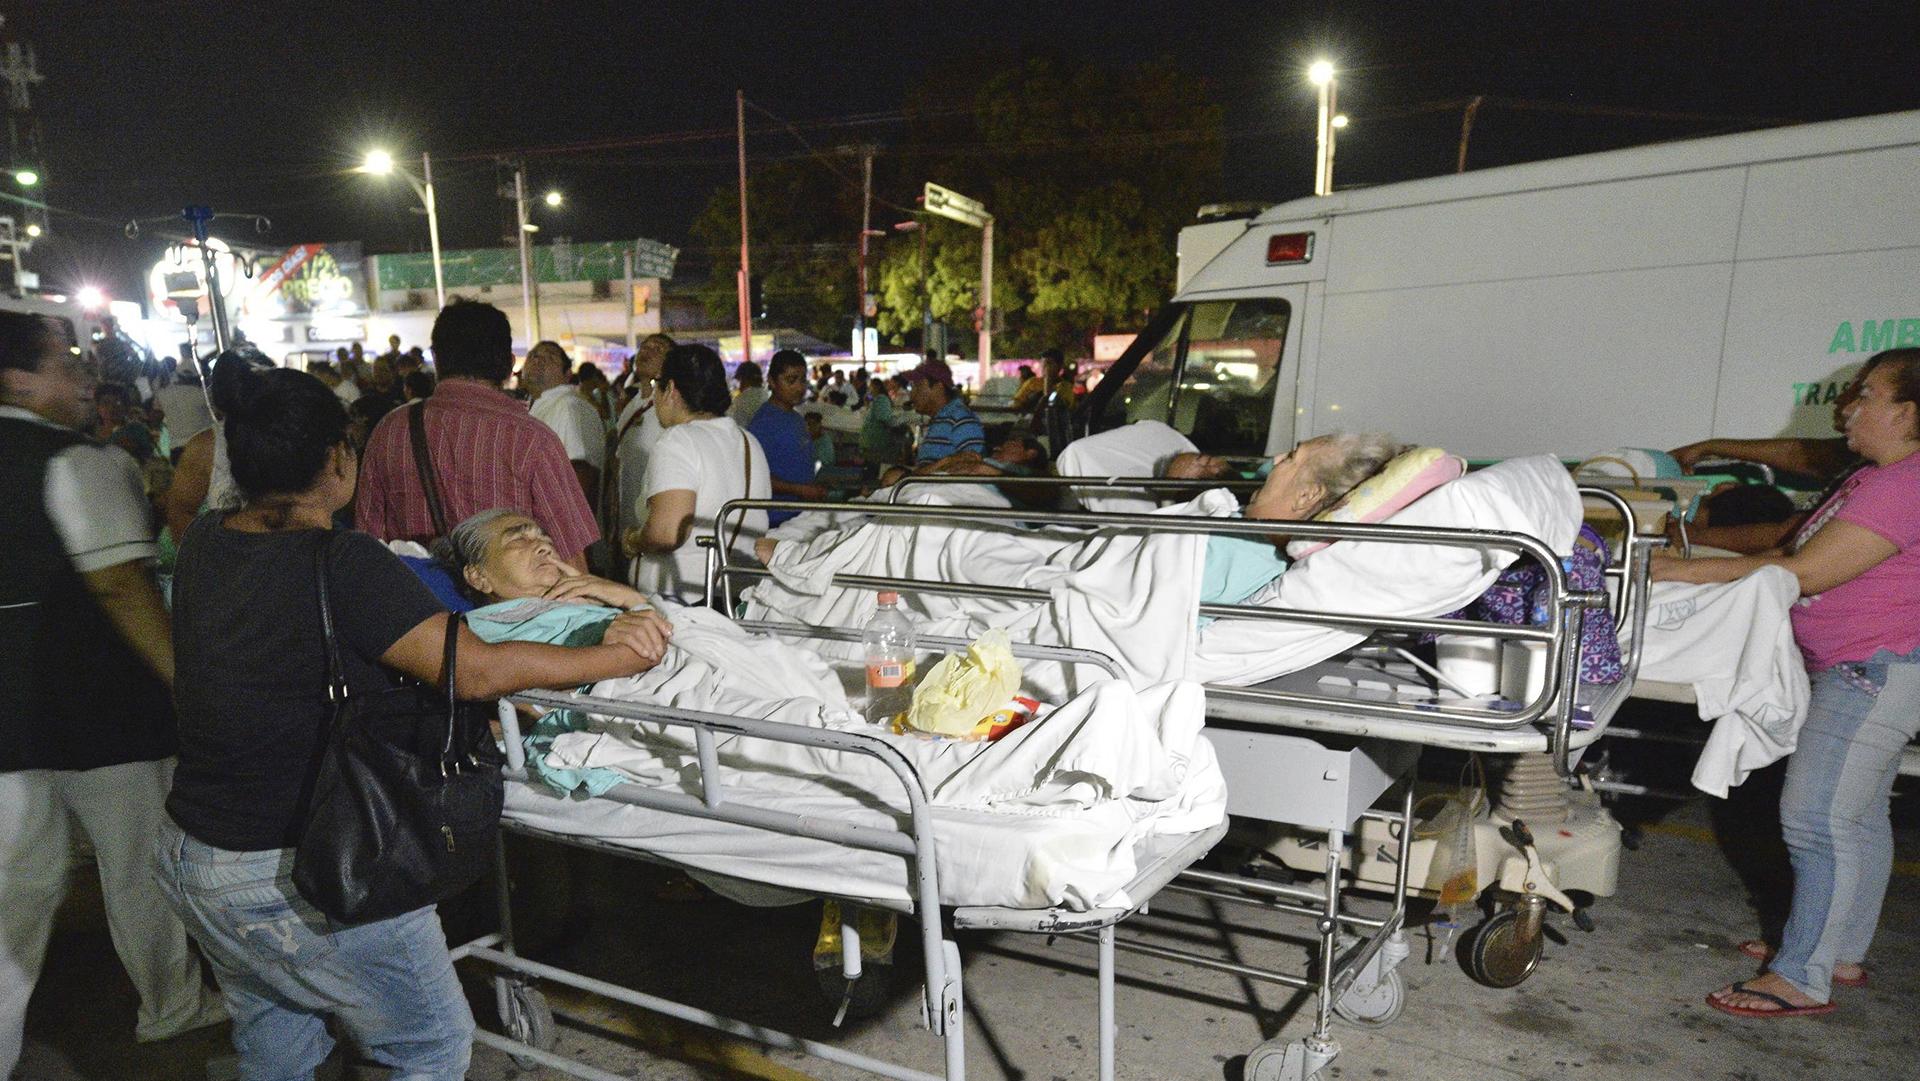 Pacientes y médicos de un hospital en Villahermosa ( México) permanecen fuera, tras un fuerte sismo de magnitud ocho en la escala de Richter que sacudió hoy violentamente a México (EFE)